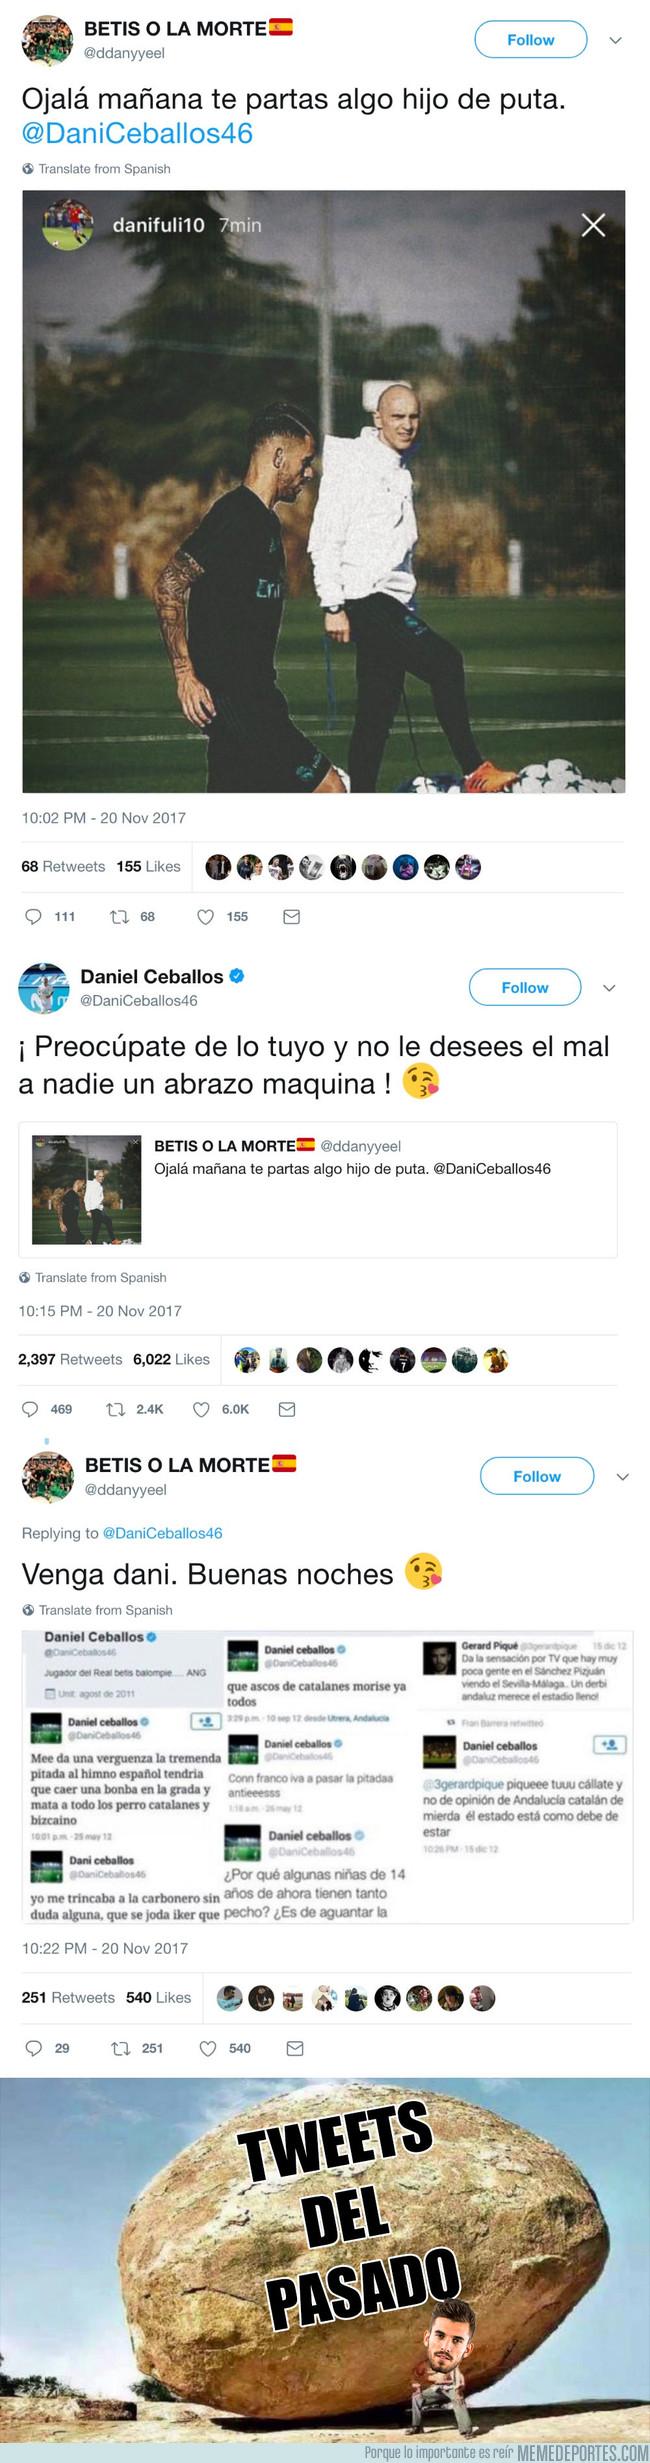 1008495 - Ceballos responde como un señor a un insulto, pero los tweets del pasado no dejarán de atormentarlo nunca